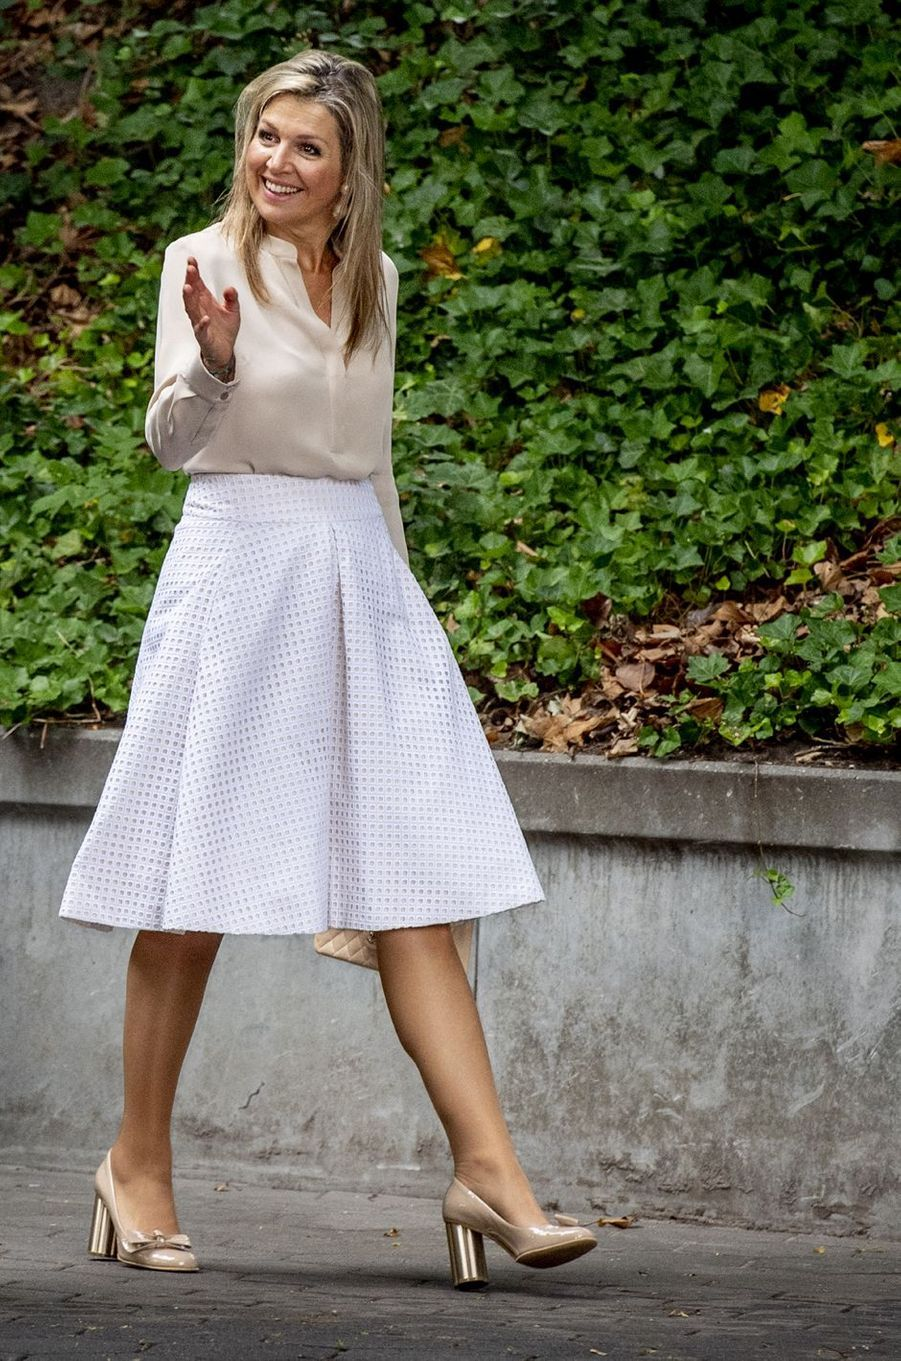 La reine Maxima des Pays-Bas en blanc et crème à Voorburg, le 10 juillet 2018